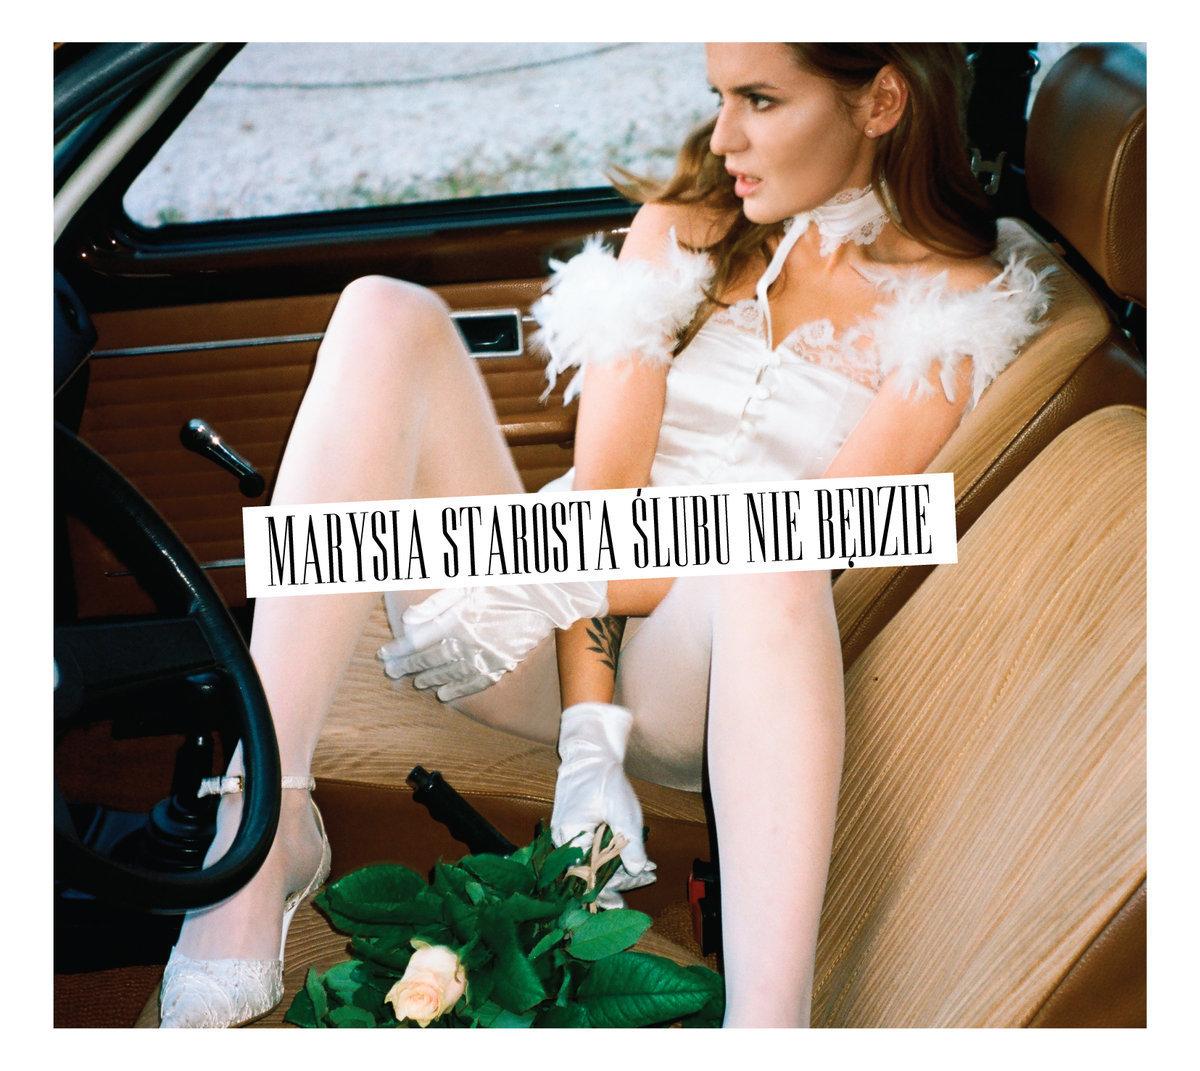 """Marysia Starosta – płyta """"Ślubu nie będzie"""" w wersji deluxe dostępna  w przedsprzedaży"""